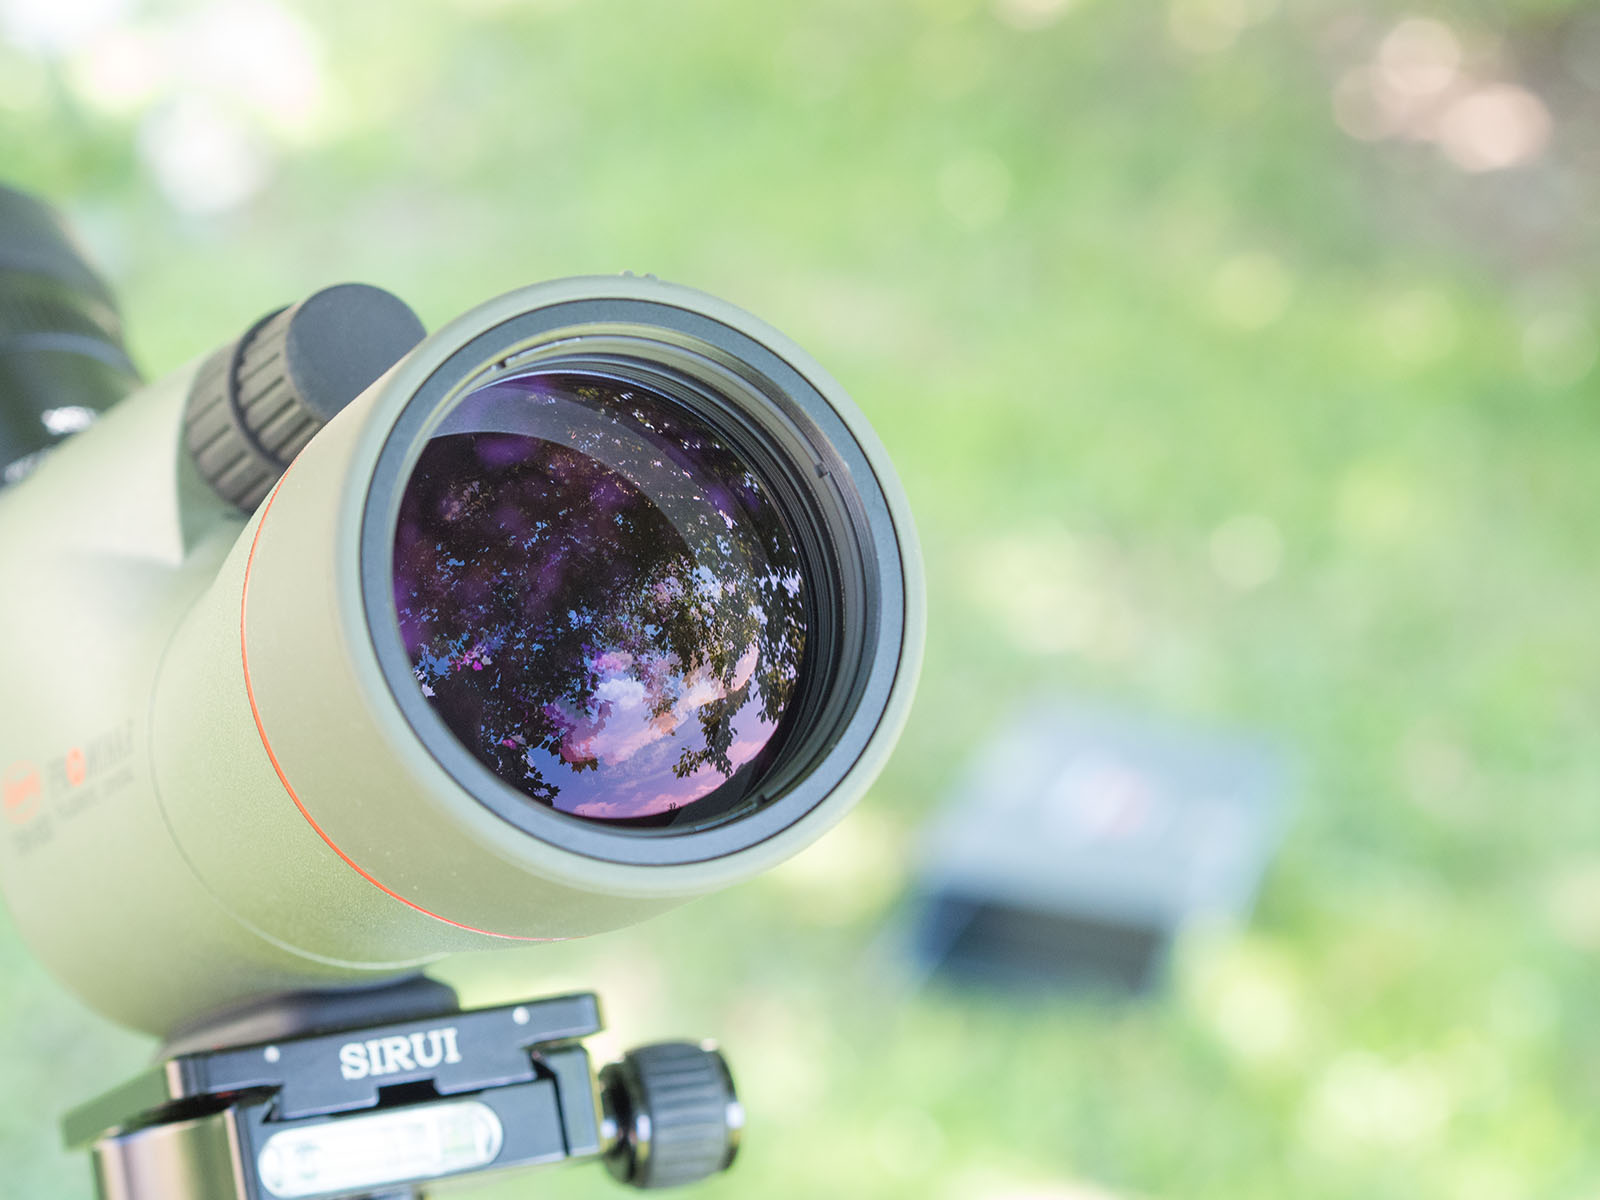 Un bel primo piano sul performante obiettivo da 55 mm di diametro